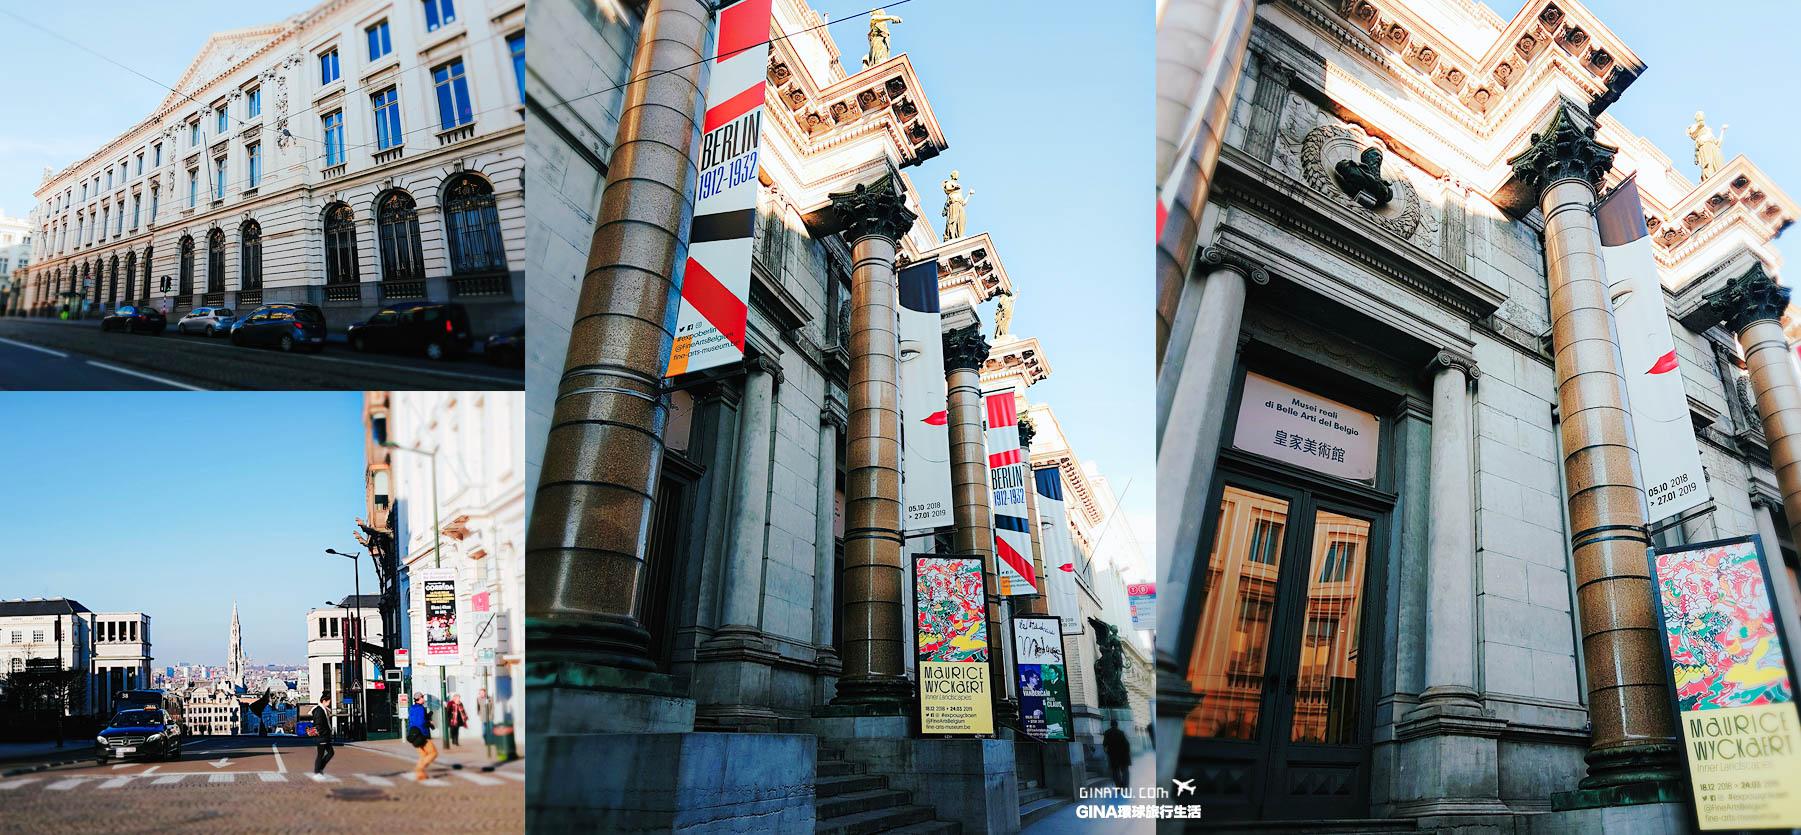 【2021比利時旅遊景點】布魯塞爾二日遊(上)-聖誕節空城的比利時|家樂福、GALLER巧克力 @GINA環球旅行生活